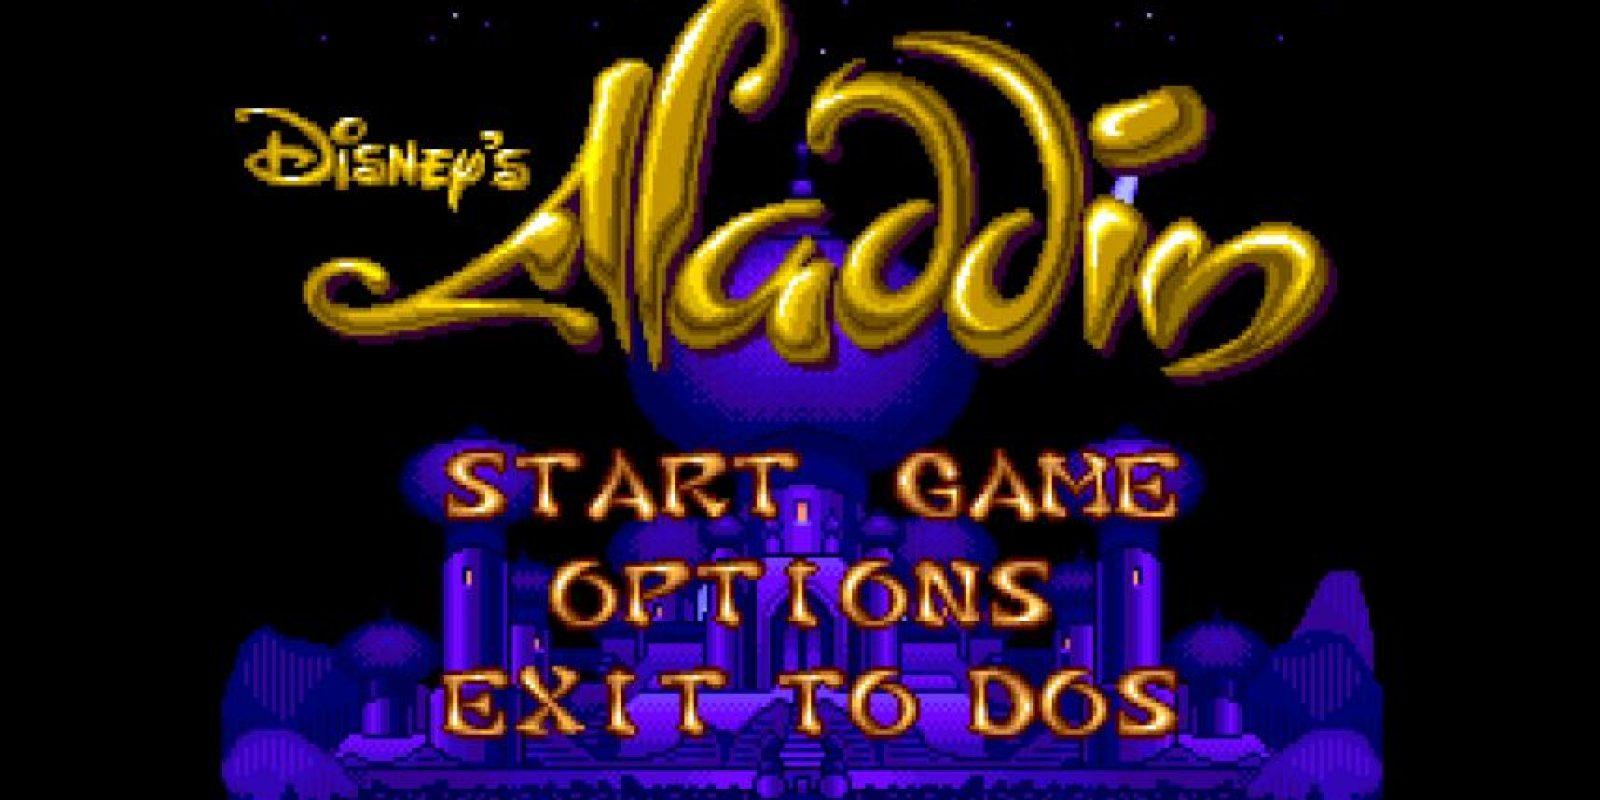 Aladdín Foto:Virgin Interactive Entertainment, Inc.